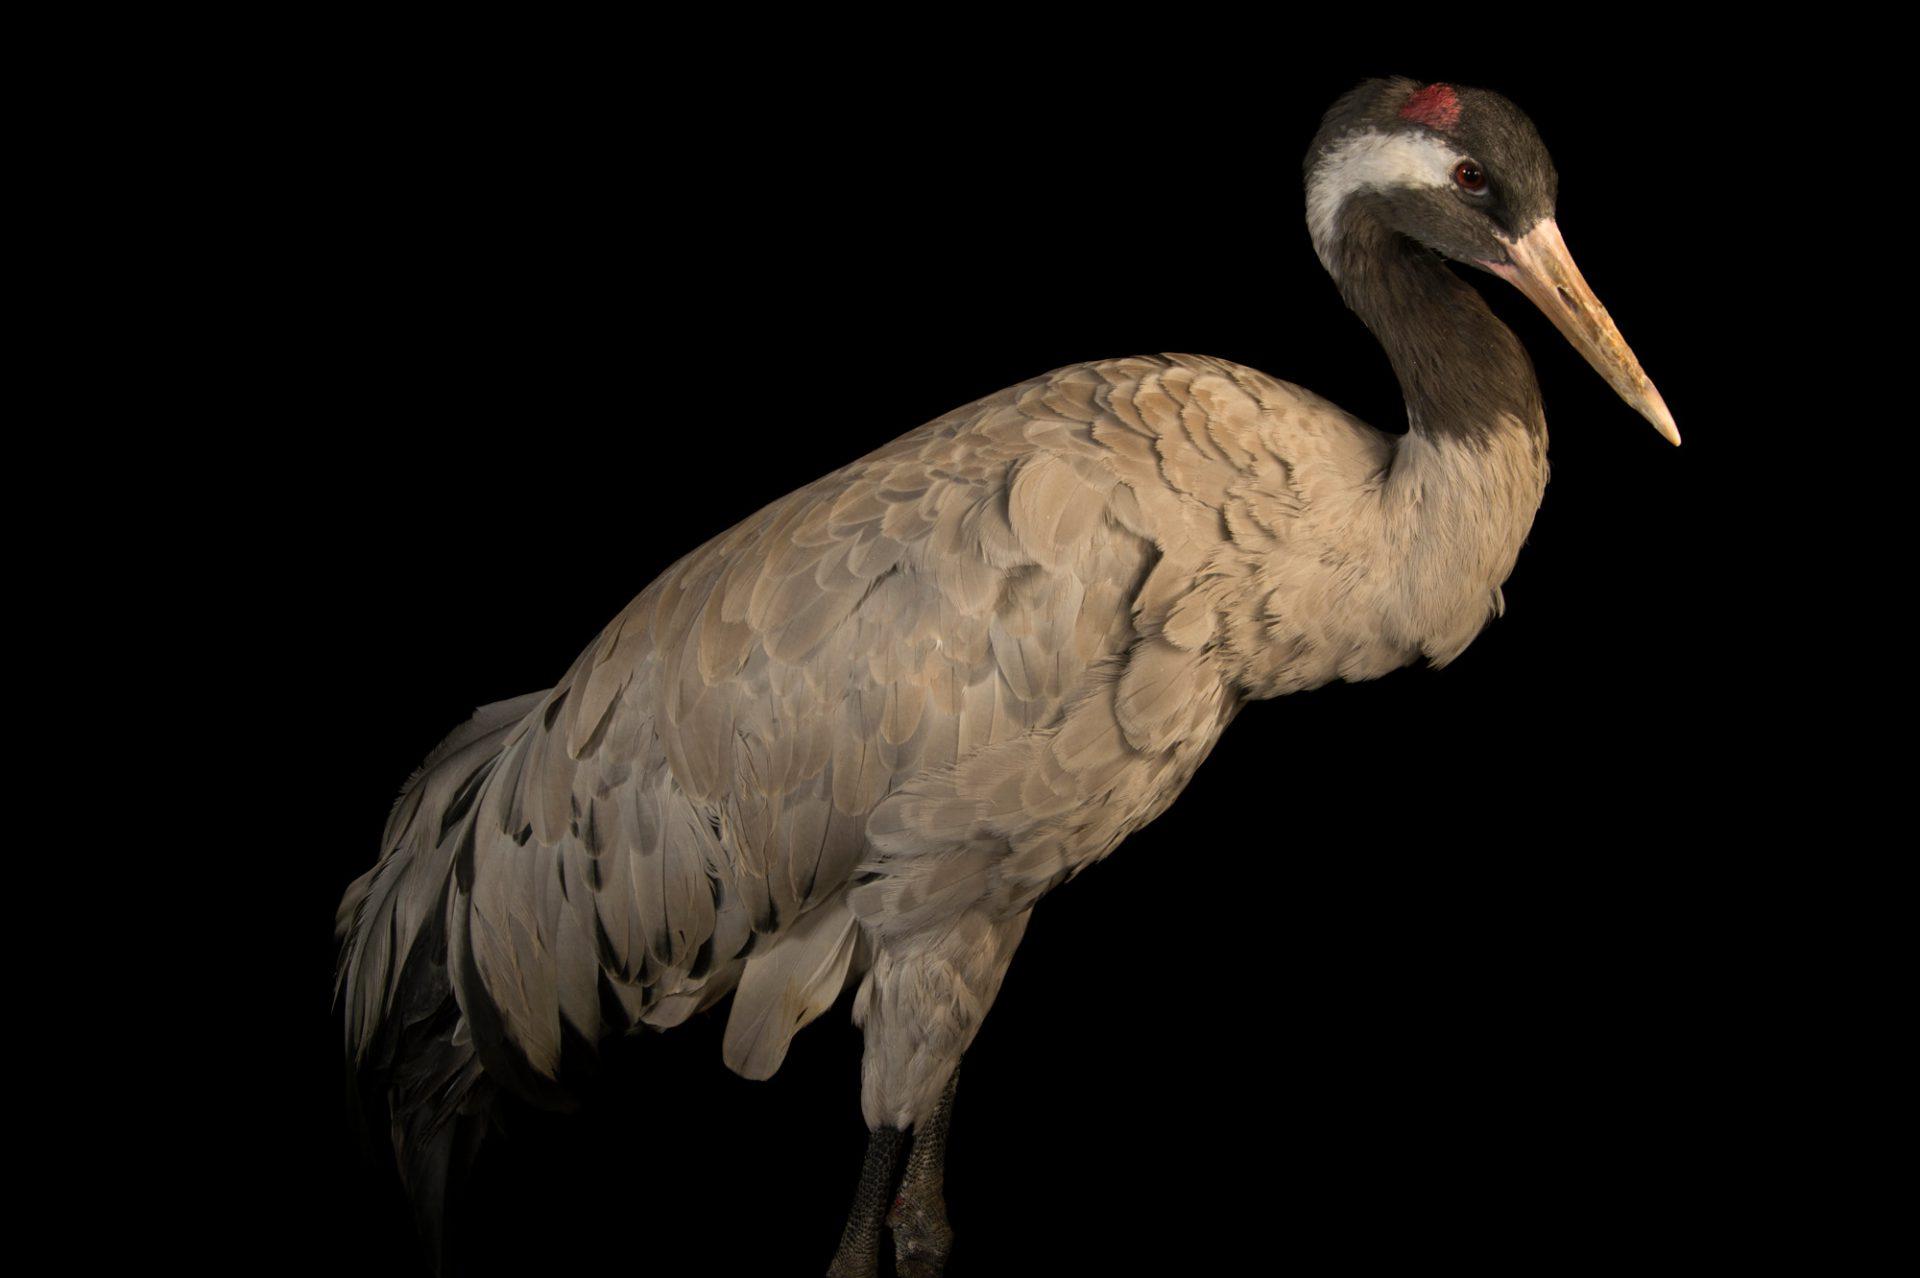 Photo: Eurasian grey crane (Grus grus grus) at Parc des Oiseaux in Villars Les Dombes, France.